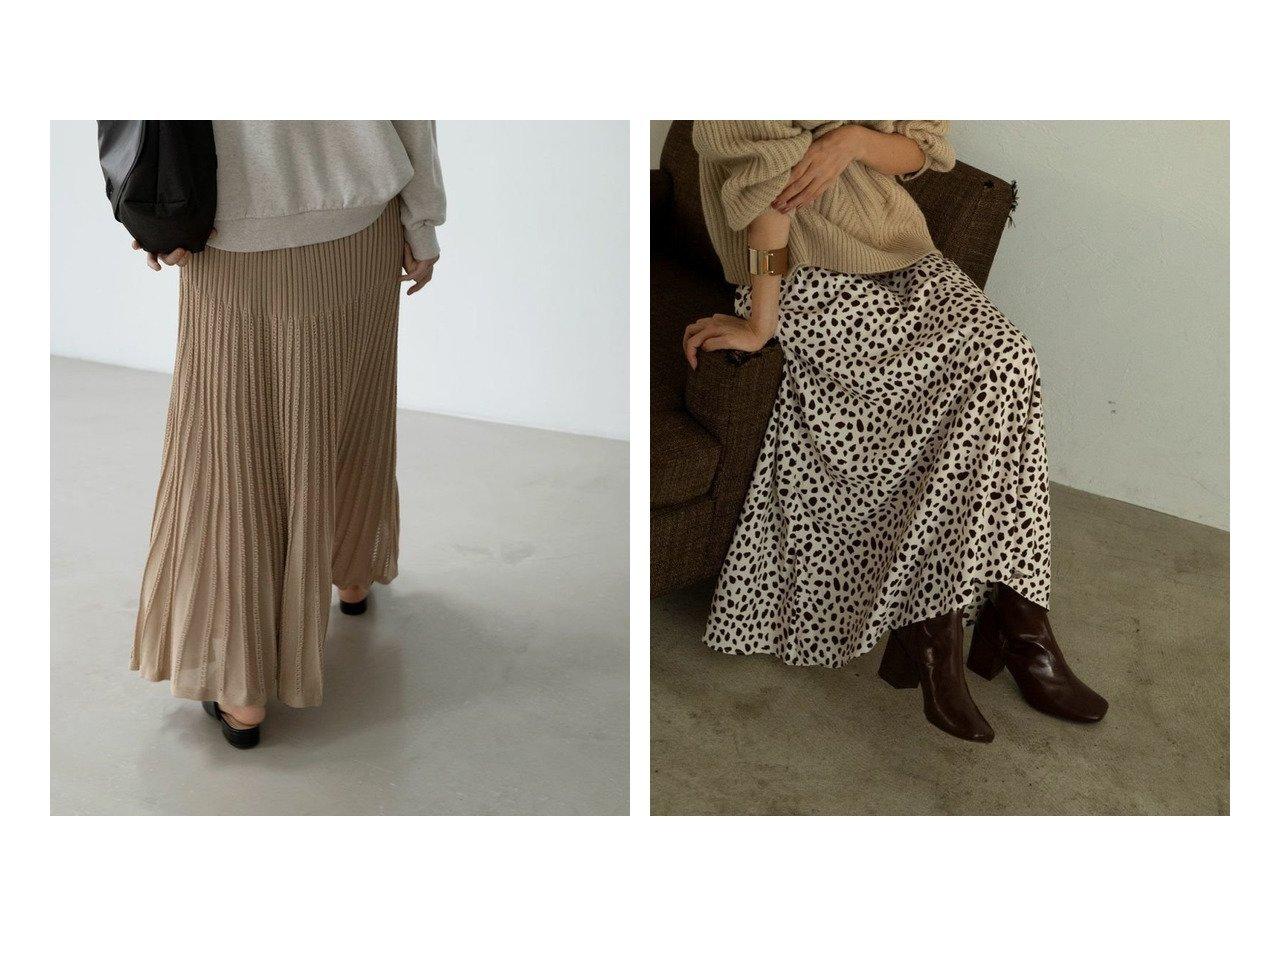 【marjour/マージュール】のmarjourニットスカート KNIT SKIRT&ダルメシアンスカート DALMATIAN SKIRT マージュールのおすすめ!人気、トレンド・レディースファッションの通販 おすすめで人気の流行・トレンド、ファッションの通販商品 メンズファッション・キッズファッション・インテリア・家具・レディースファッション・服の通販 founy(ファニー) https://founy.com/ ファッション Fashion レディースファッション WOMEN スカート Skirt おすすめ Recommend フィット フレア ロング 楽ちん 秋 Autumn/Fall ショート ジャケット スニーカー タイツ バランス プリント マーメイド モノトーン 無地 冬 Winter  ID:crp329100000021543